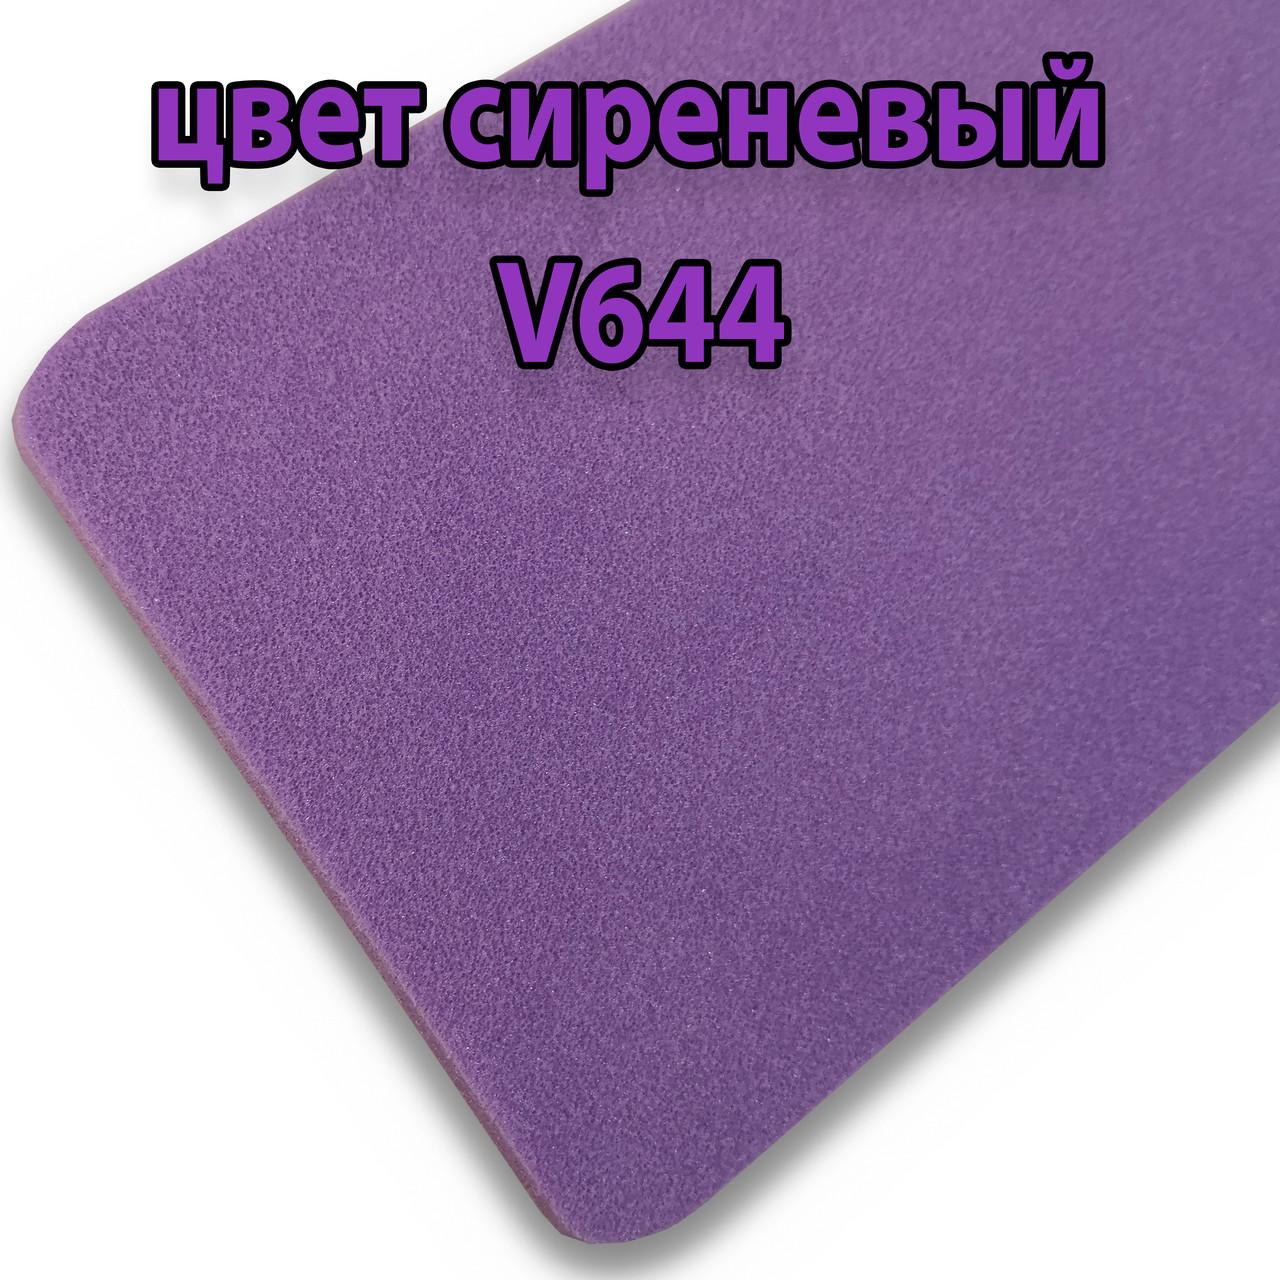 Ізолон кольоровий, 2 мм бузковий